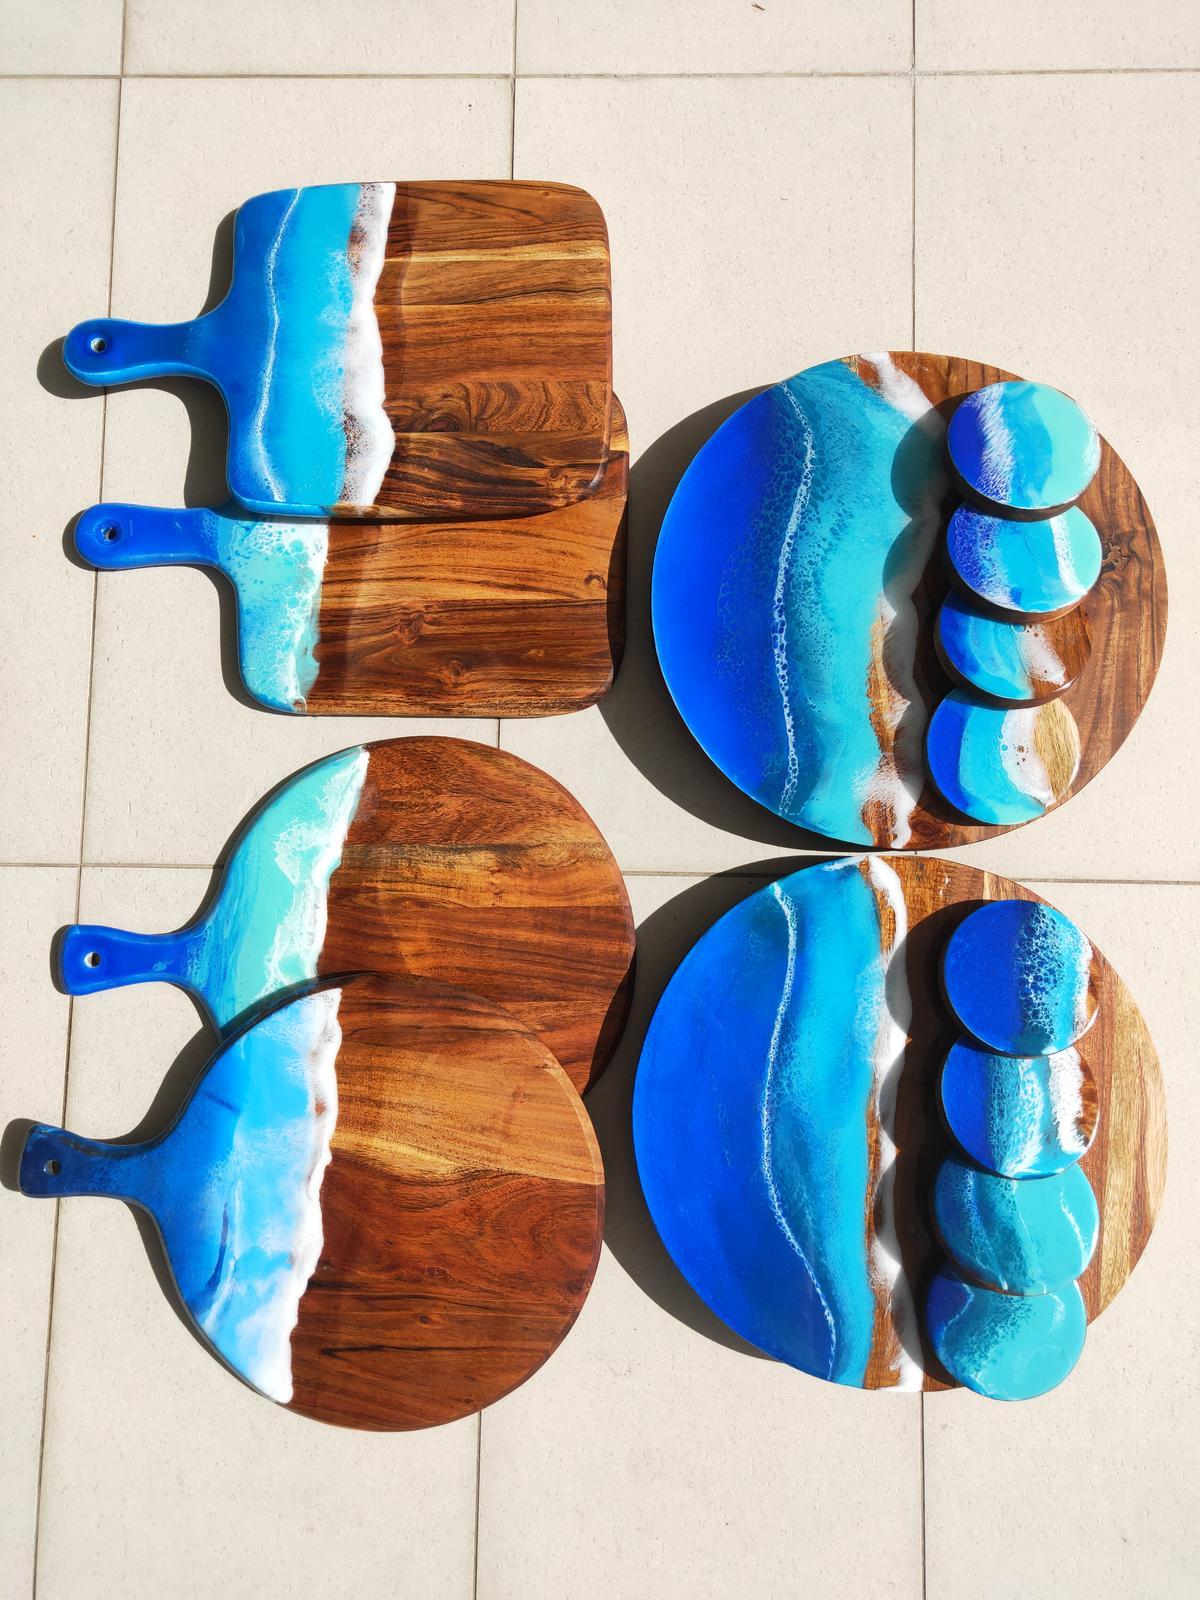 Ocean cheeseboards